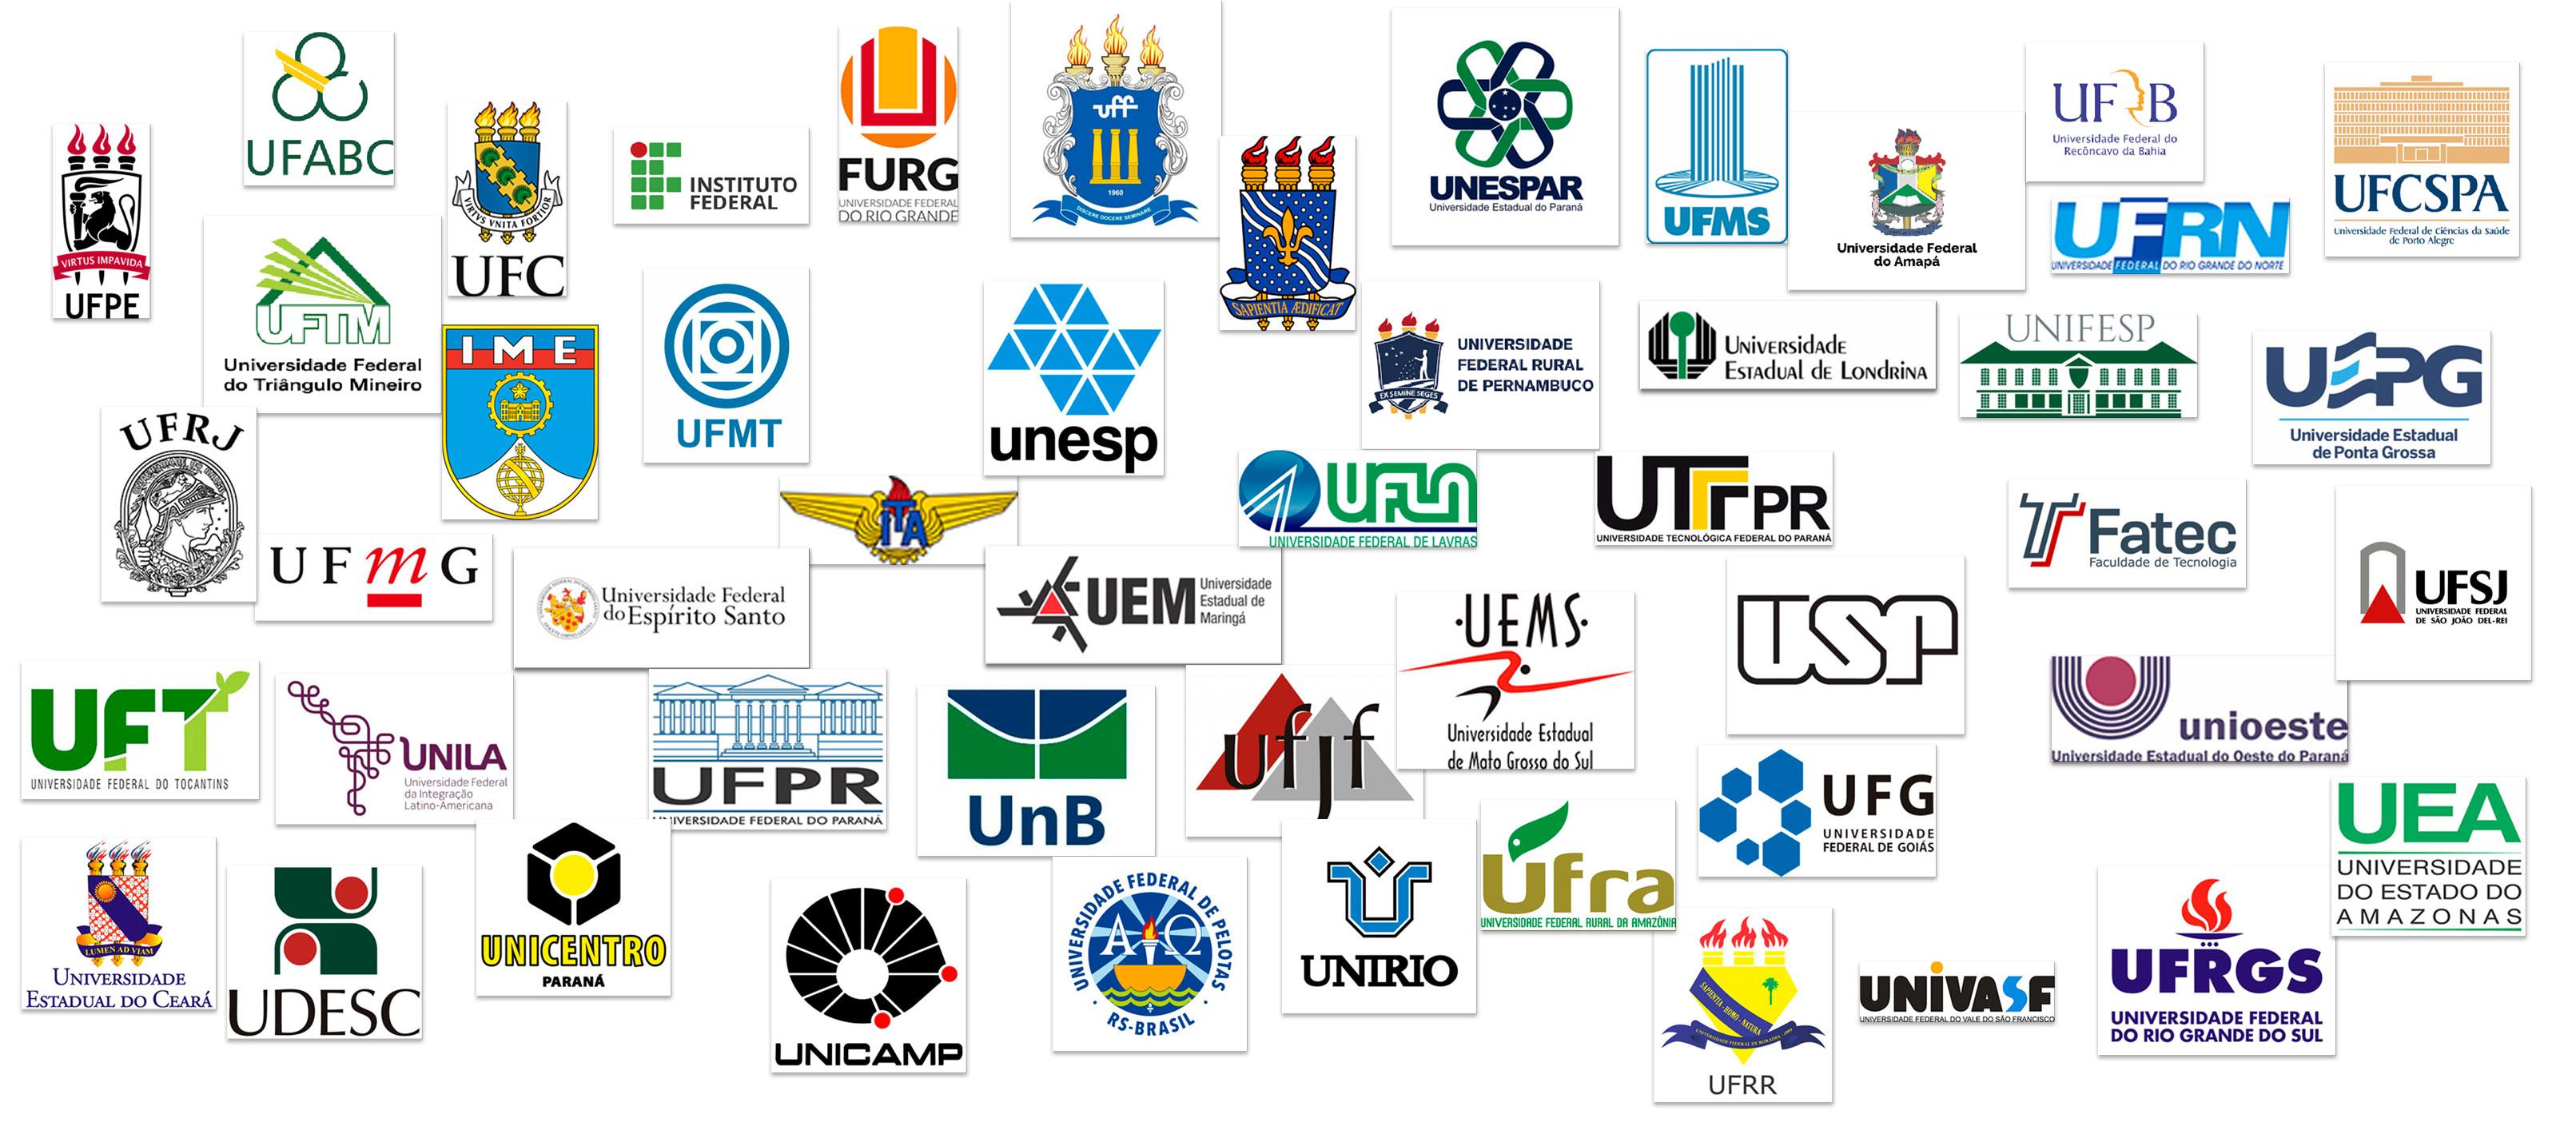 Opinião: Papel das universidades em tempos de pandemia